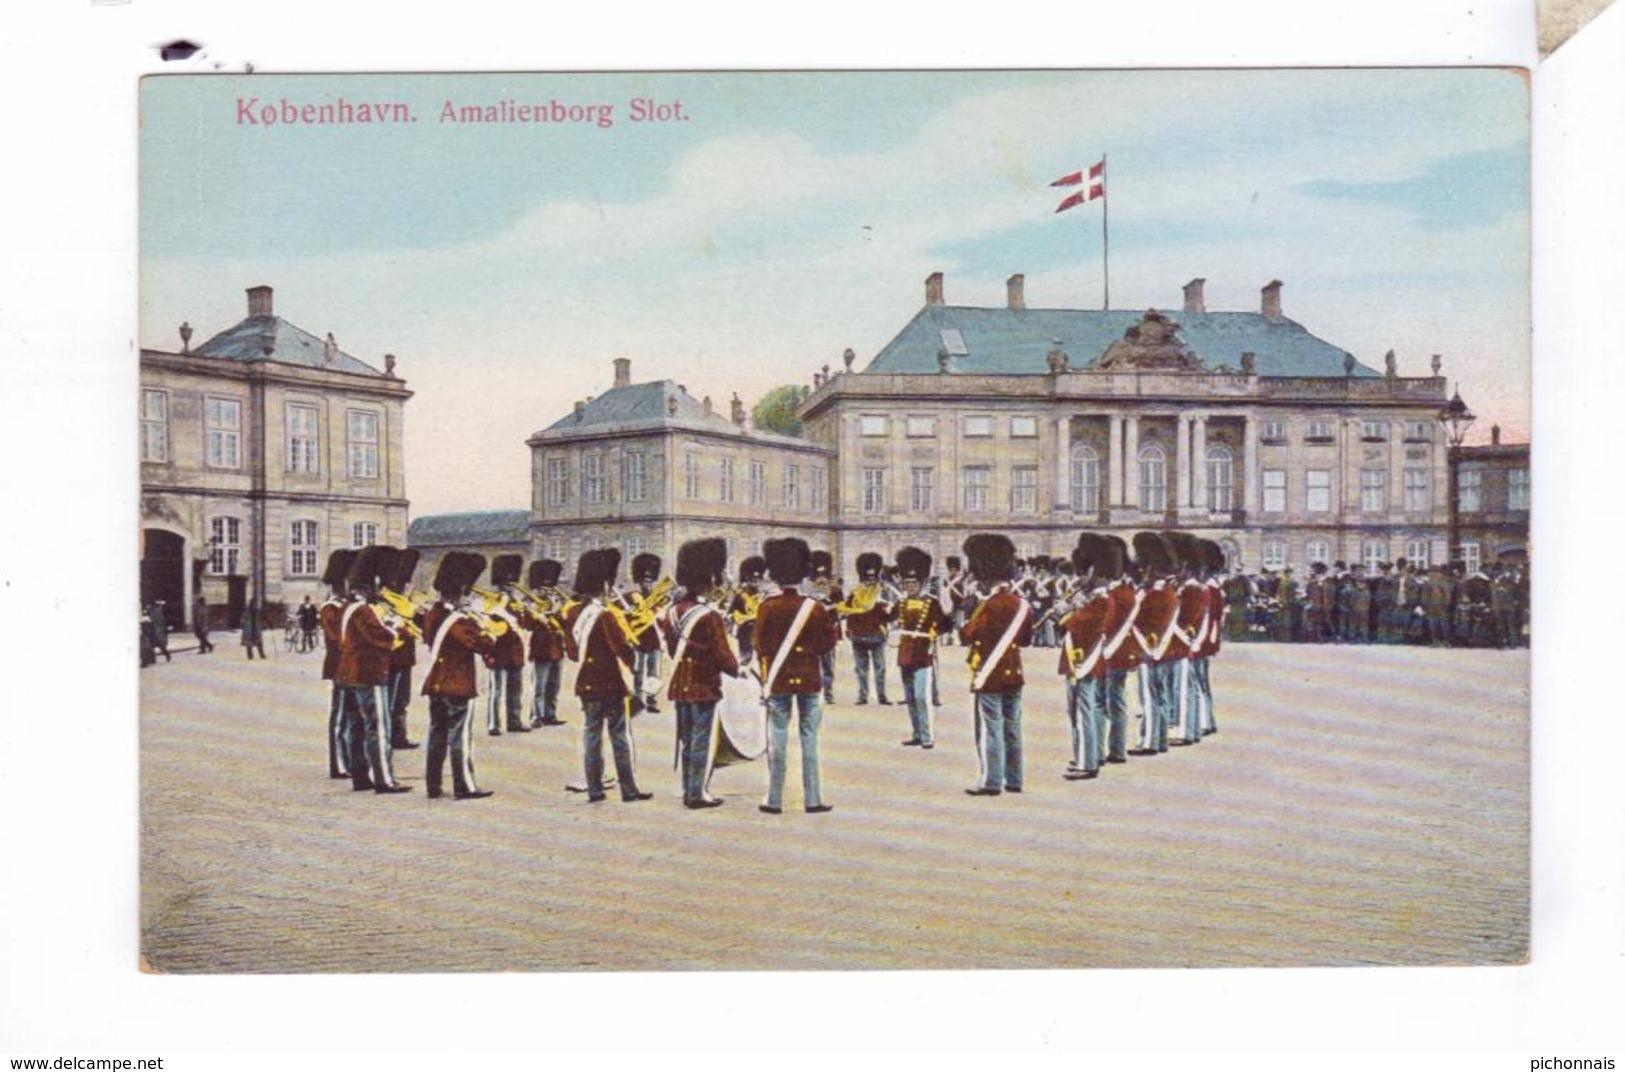 KJOBENHAVN Copenhagen Amalienborg Slot - Danemark